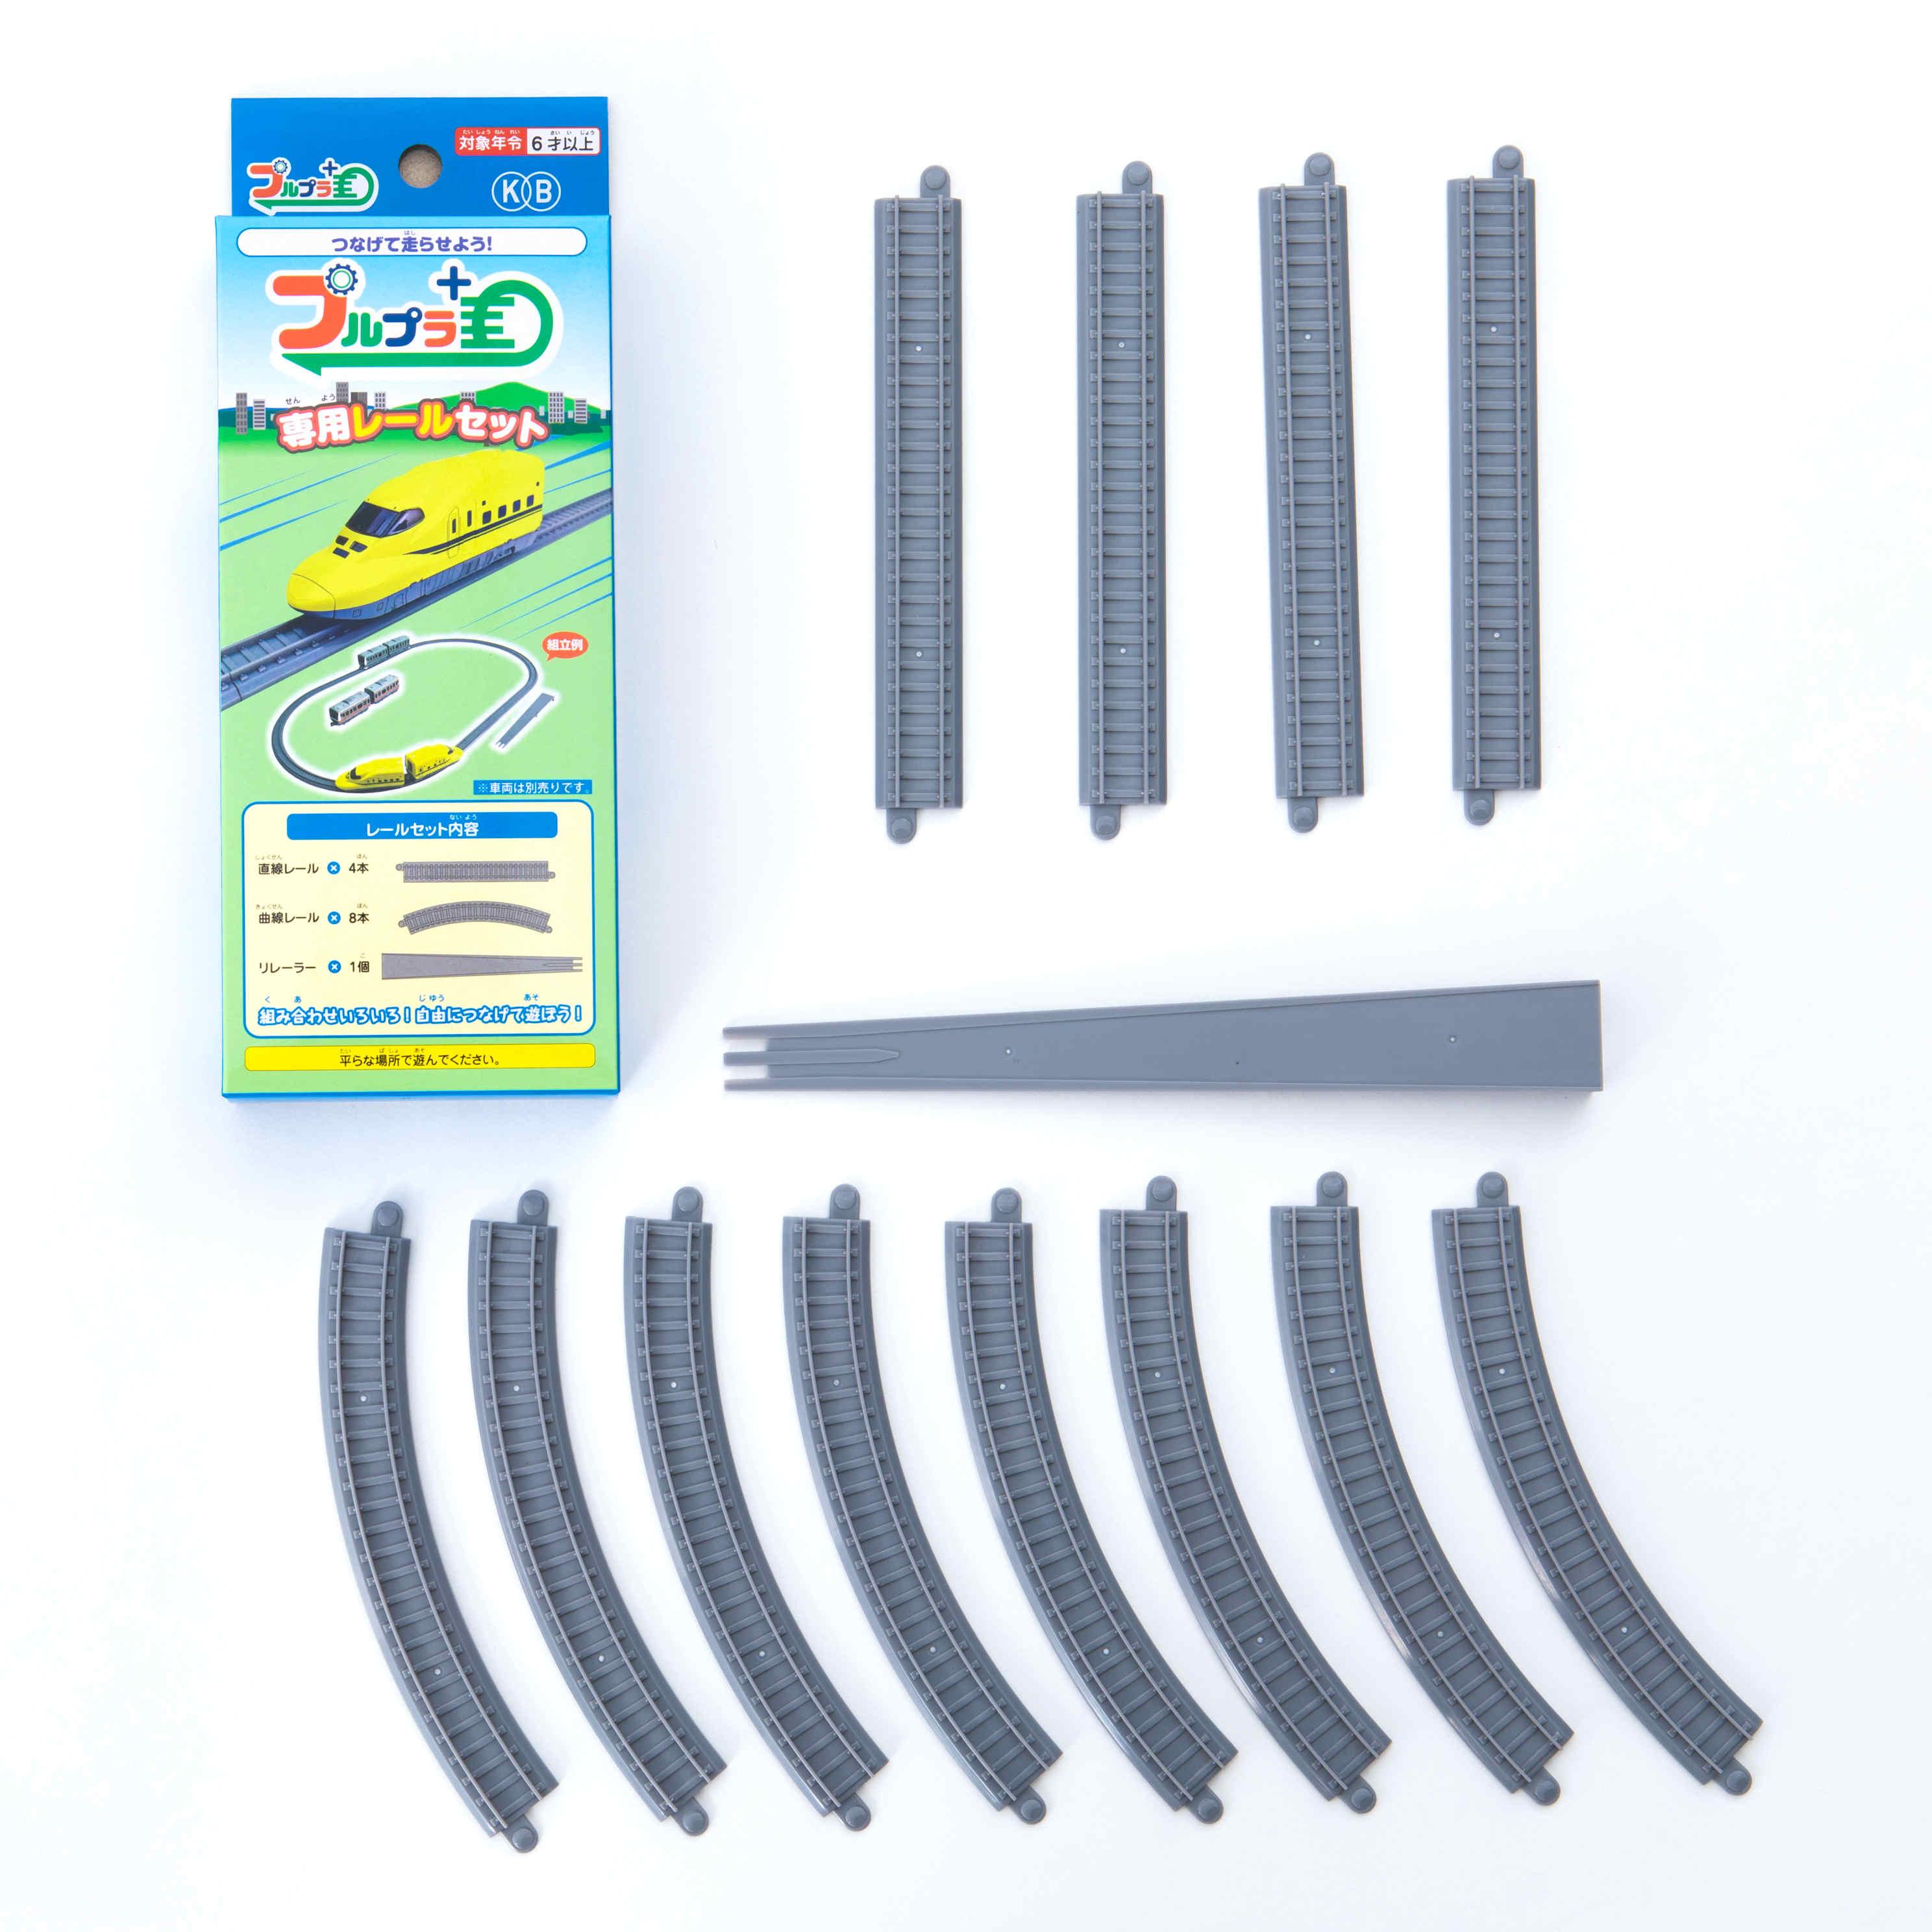 プルプラ 専用レールセット(9mm幅)